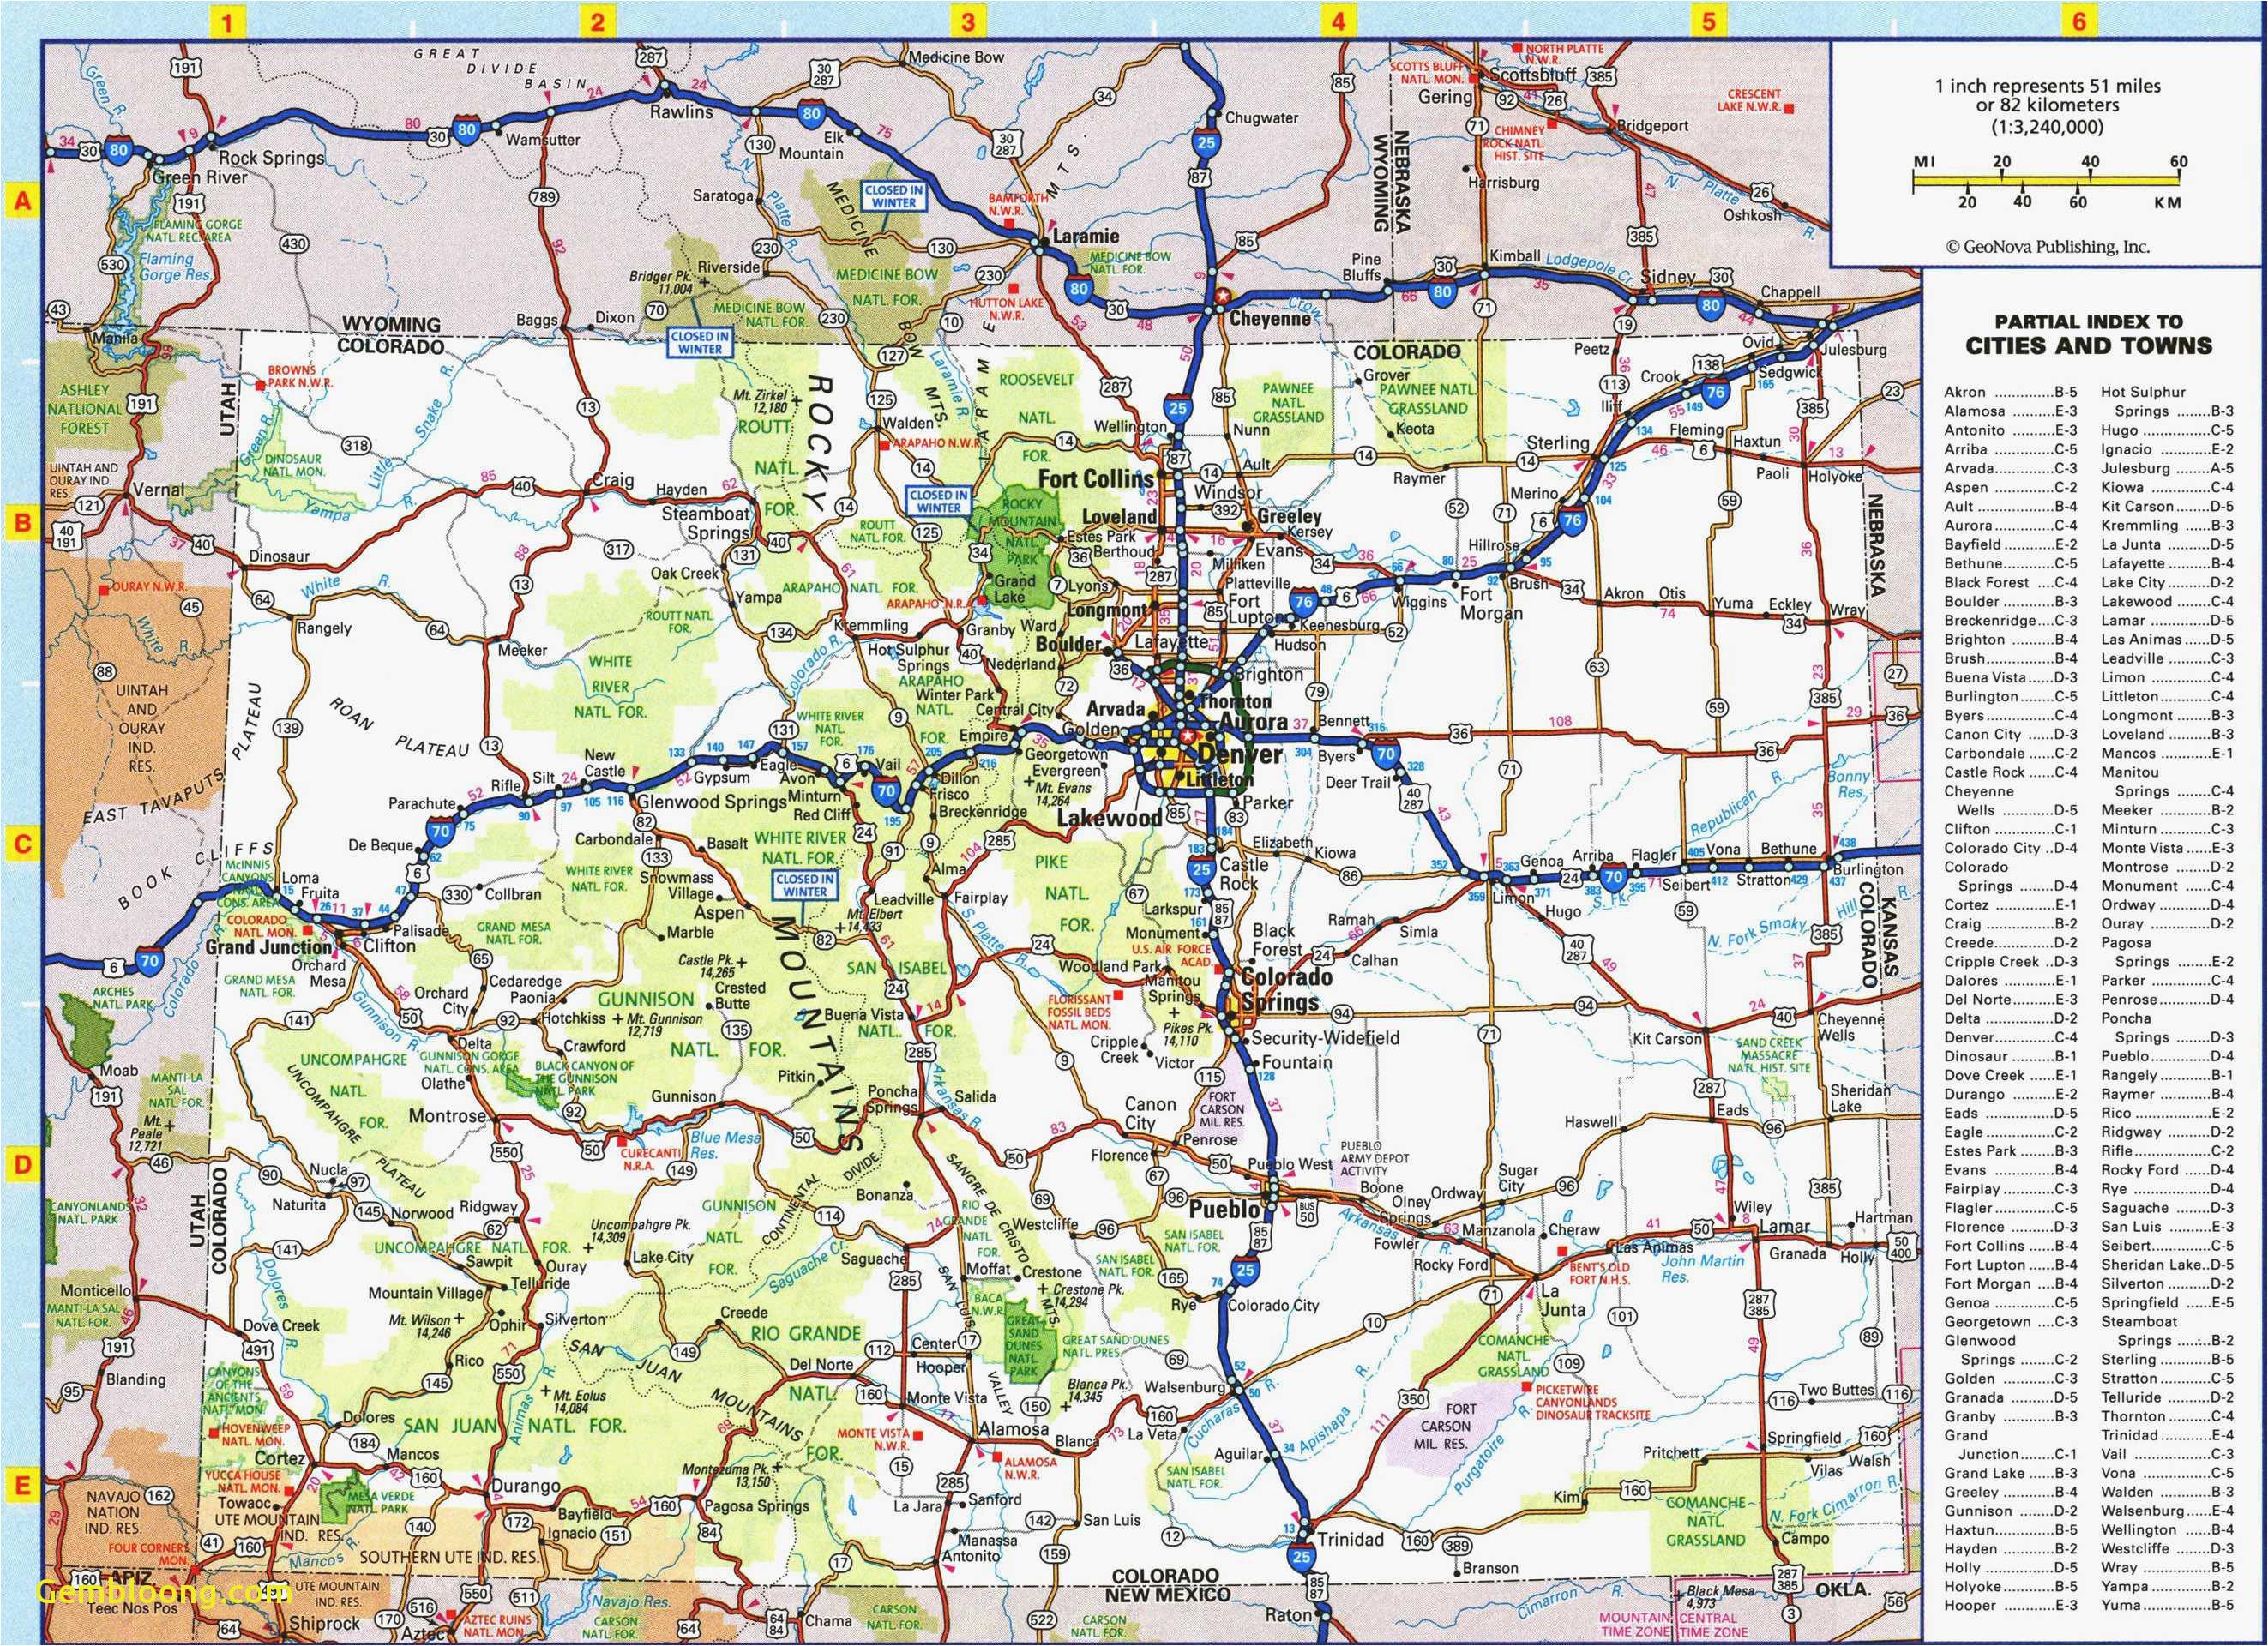 Weld County Colorado Road Map Colorado Highway Map Luxury ... on new mexico colorado, physical map colorado, information of colorado, usa services colorado, information on colorado, maps for colorado, utah colorado, 1886 map colorado, zip code map colorado, america map colorado, map of colorado, weather colorado, southeast colorado, florida colorado, united states colorado, texas map colorado, road map colorado,